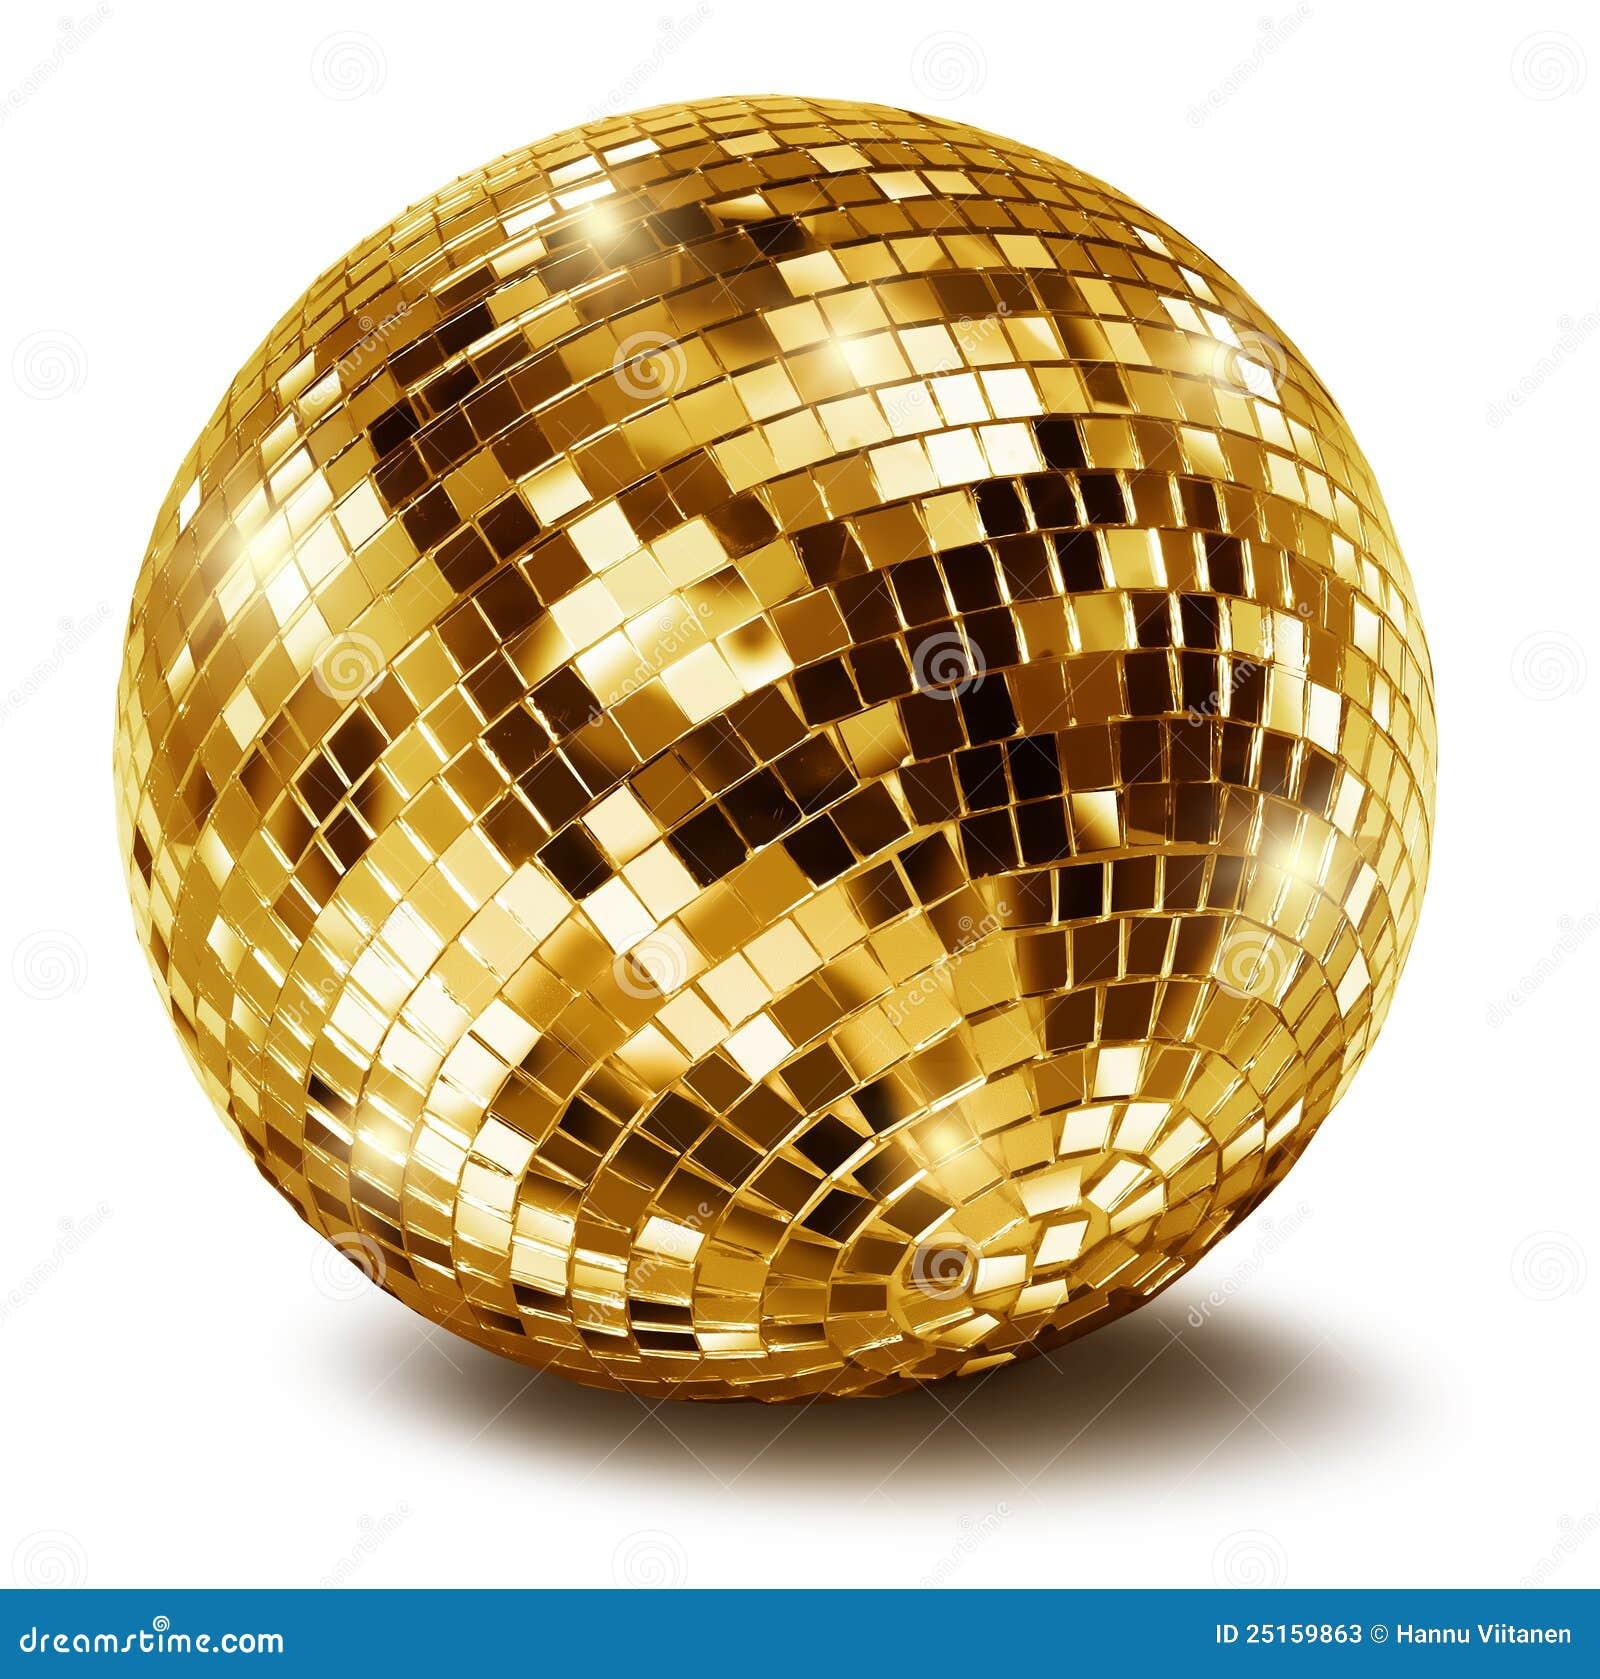 Golden disco mirror ball